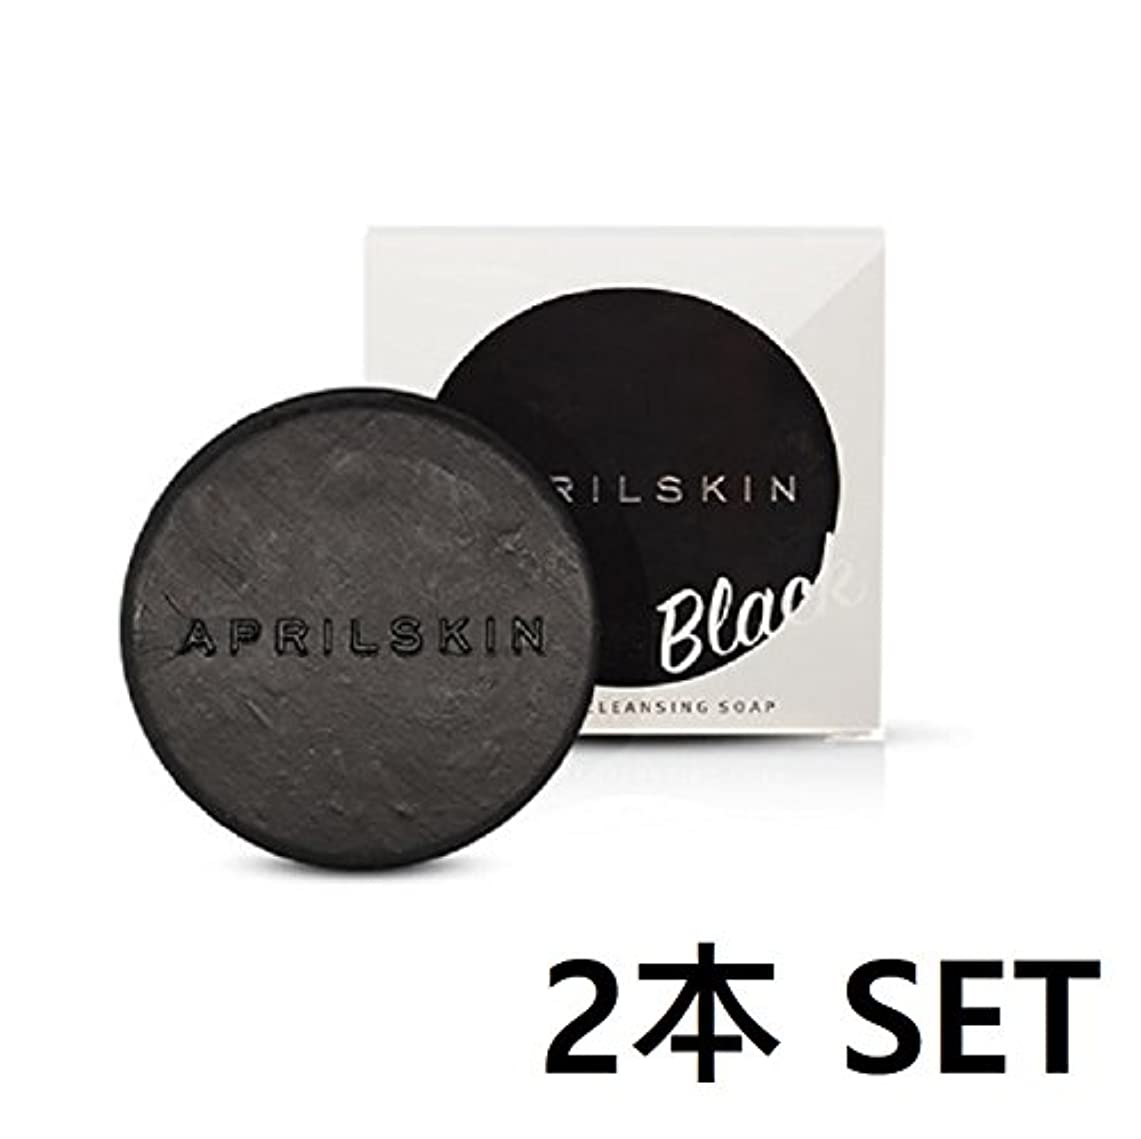 ラフ睡眠交換可能あそこ[APRILSKIN] エイプリルスキン国民石鹸 BLACK X 2pcs SET(APRIL SKIN magic stone マジックストーンのリニューアルバージョン新発売) (BLACK) [並行輸入品]